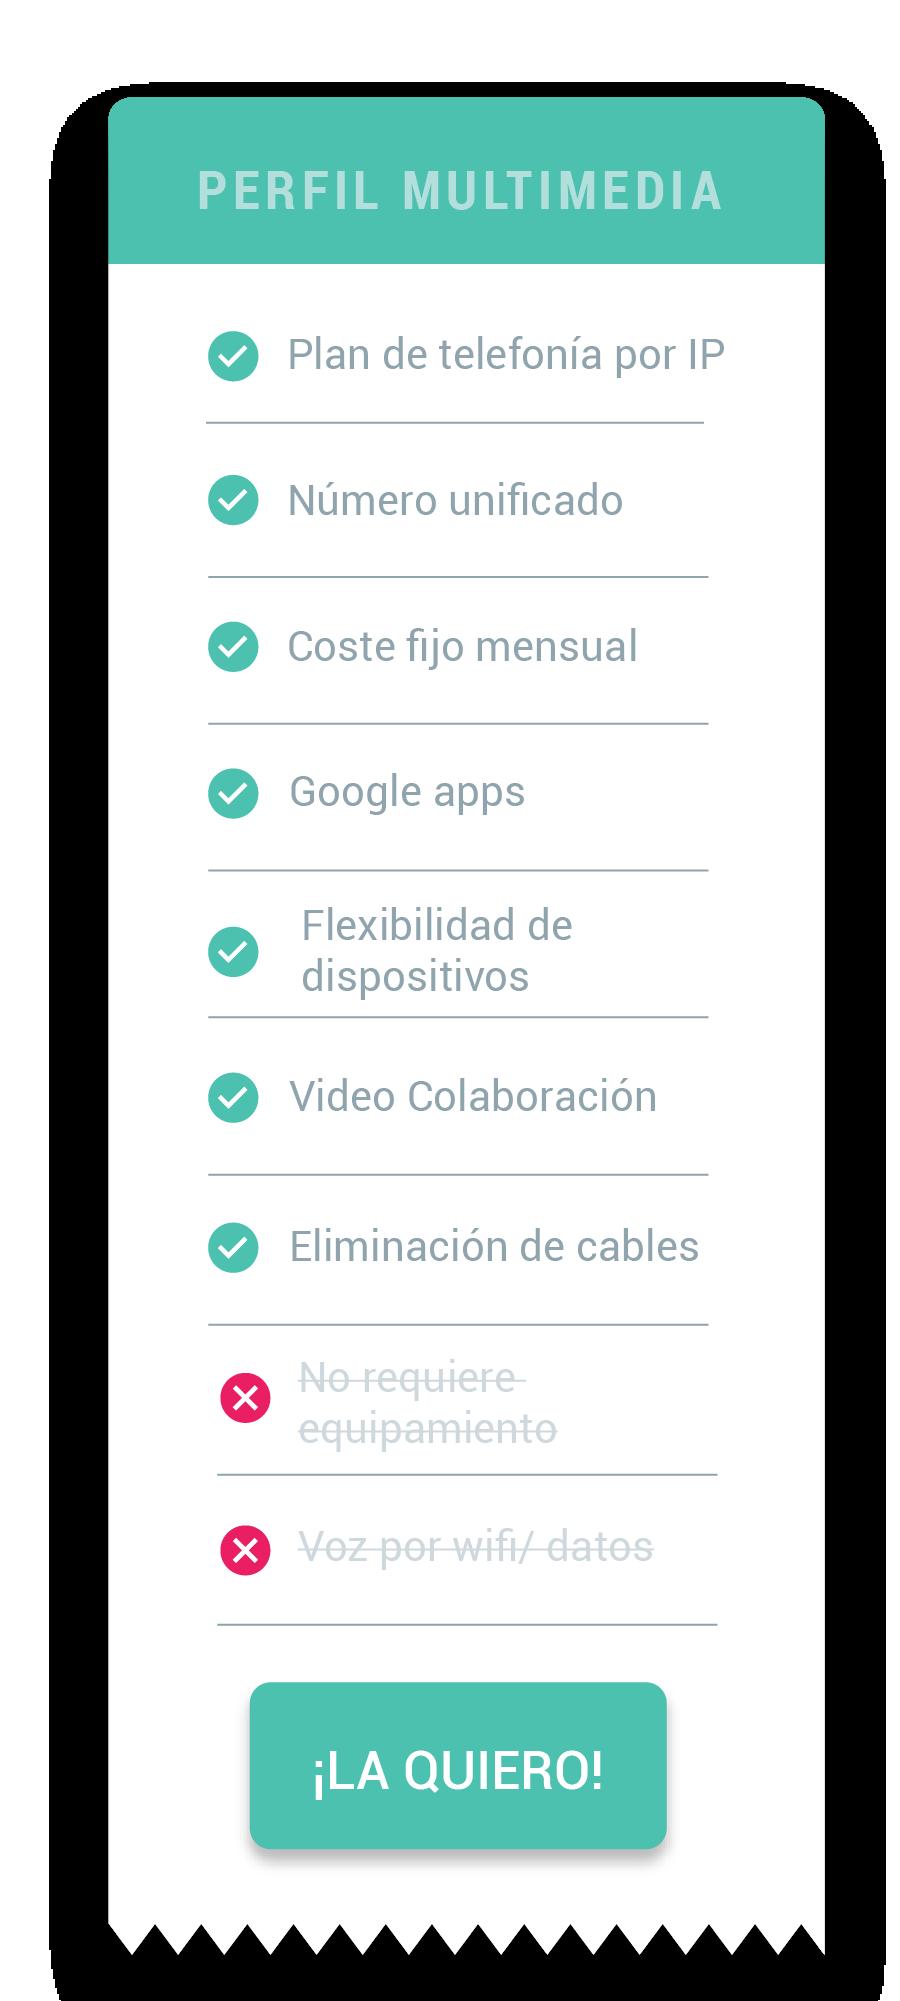 Perfil multimedia con flexibilidad de dispositivos